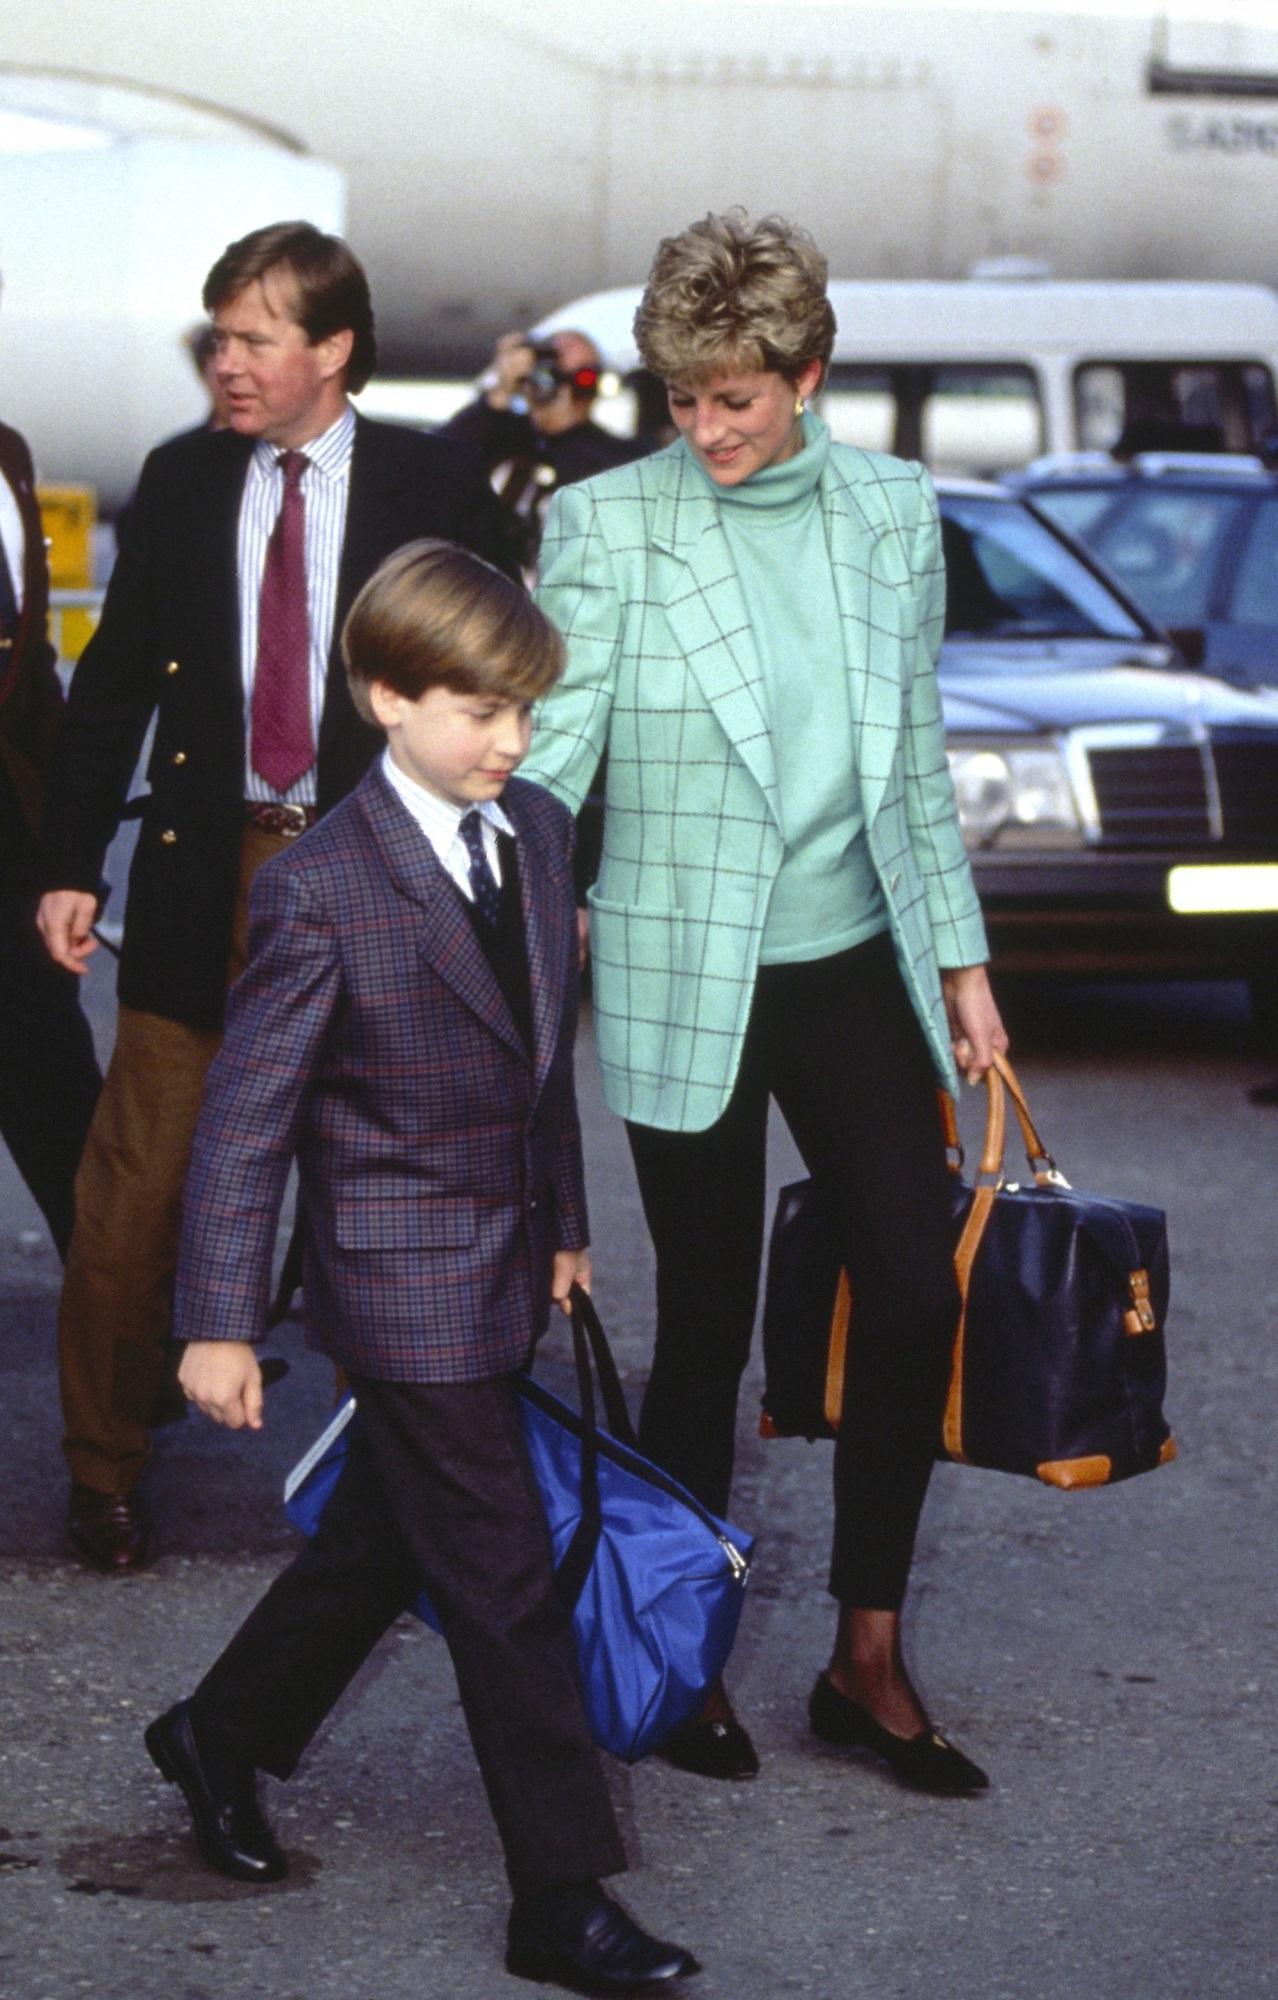 Học Công nương Diana 4 cách diện blazer vừa đơn giản lại chuẩn xịn y chang phong cách Hoàng gia - Ảnh 5